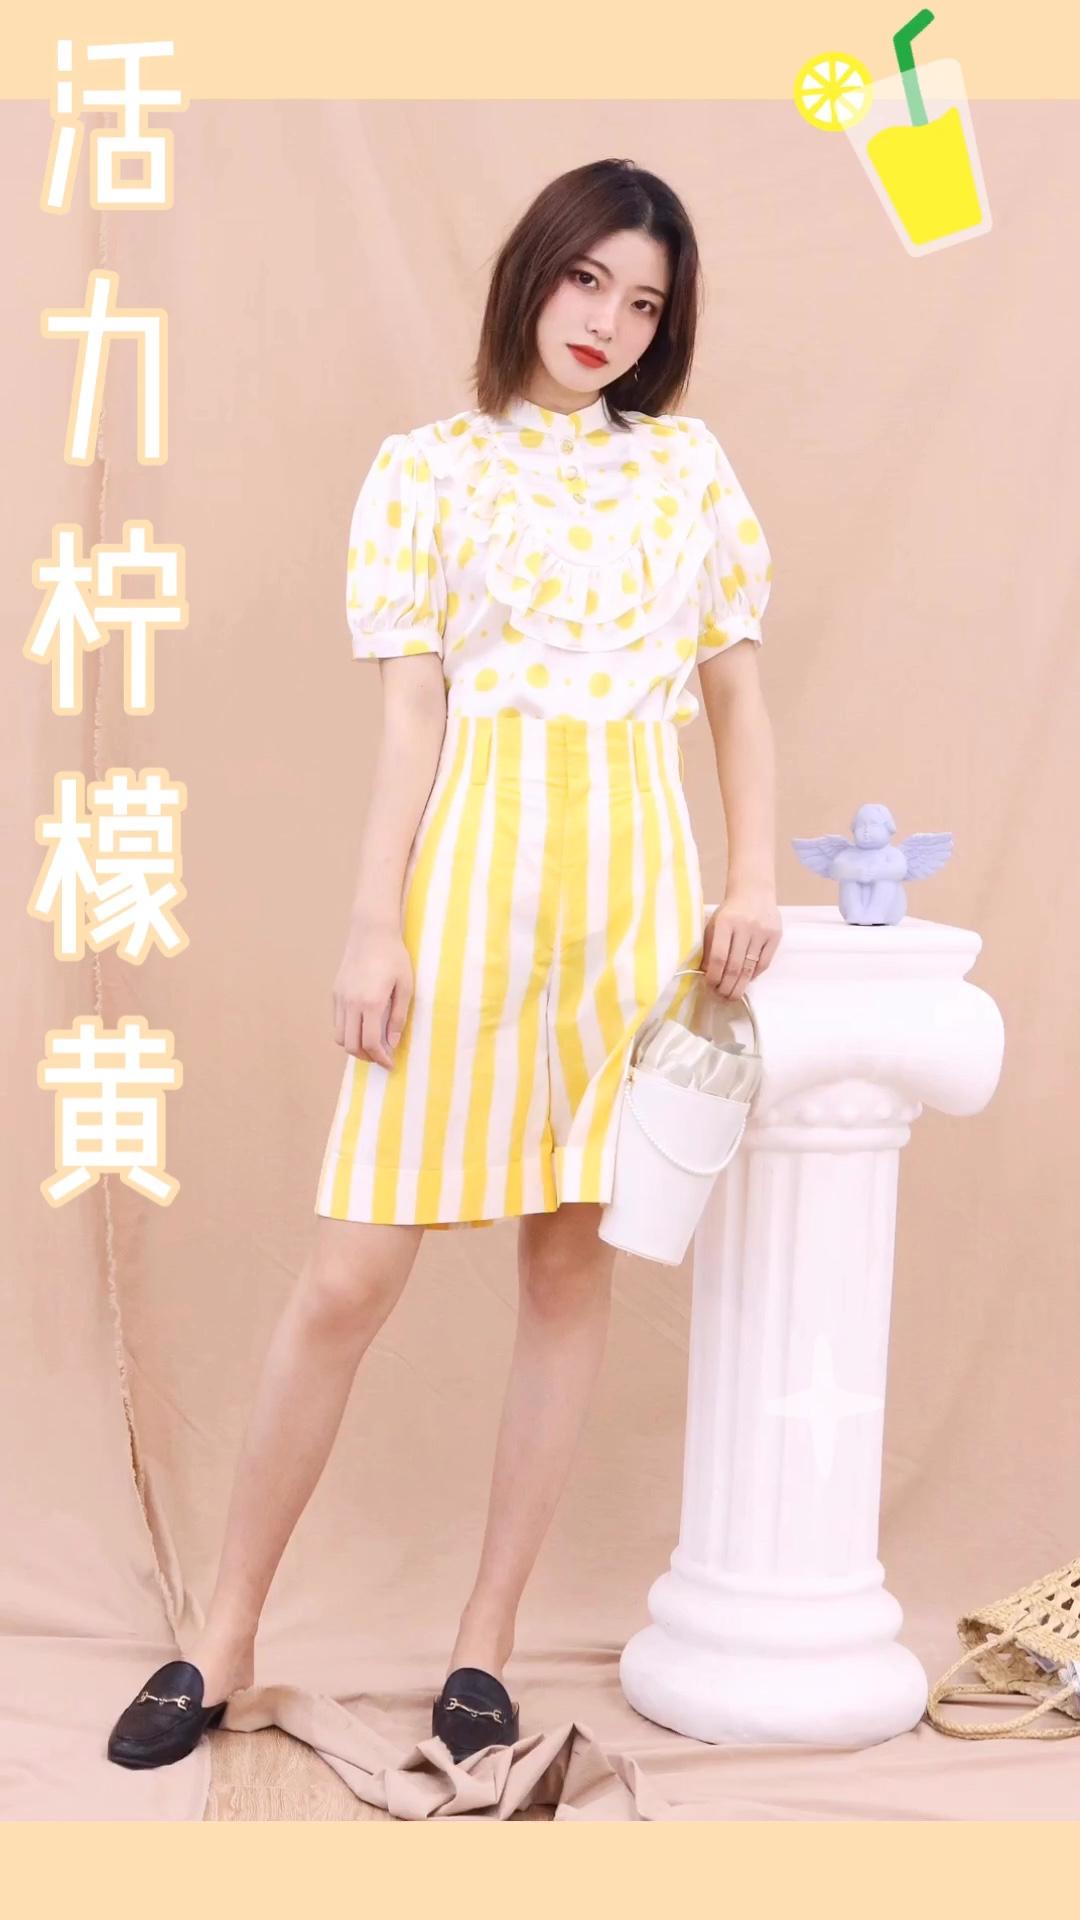 """波点可以说是时尚界非常复古的一个元素,今年也是特别的流行,所以今年大家都特别的喜欢穿波点衬衫~ 黄色波点衬衫,同样也是今年特别流行的一个款式,因为黄色也是同样特别凸显肤色的一个颜色,你是不是也特别的喜欢黄色的波点衬衫呢?看起来格外的复古和文艺。 搭配同色系柠檬黄条纹短裤,可爱又有活力~ #这个女生也太""""黄""""了吧!#"""